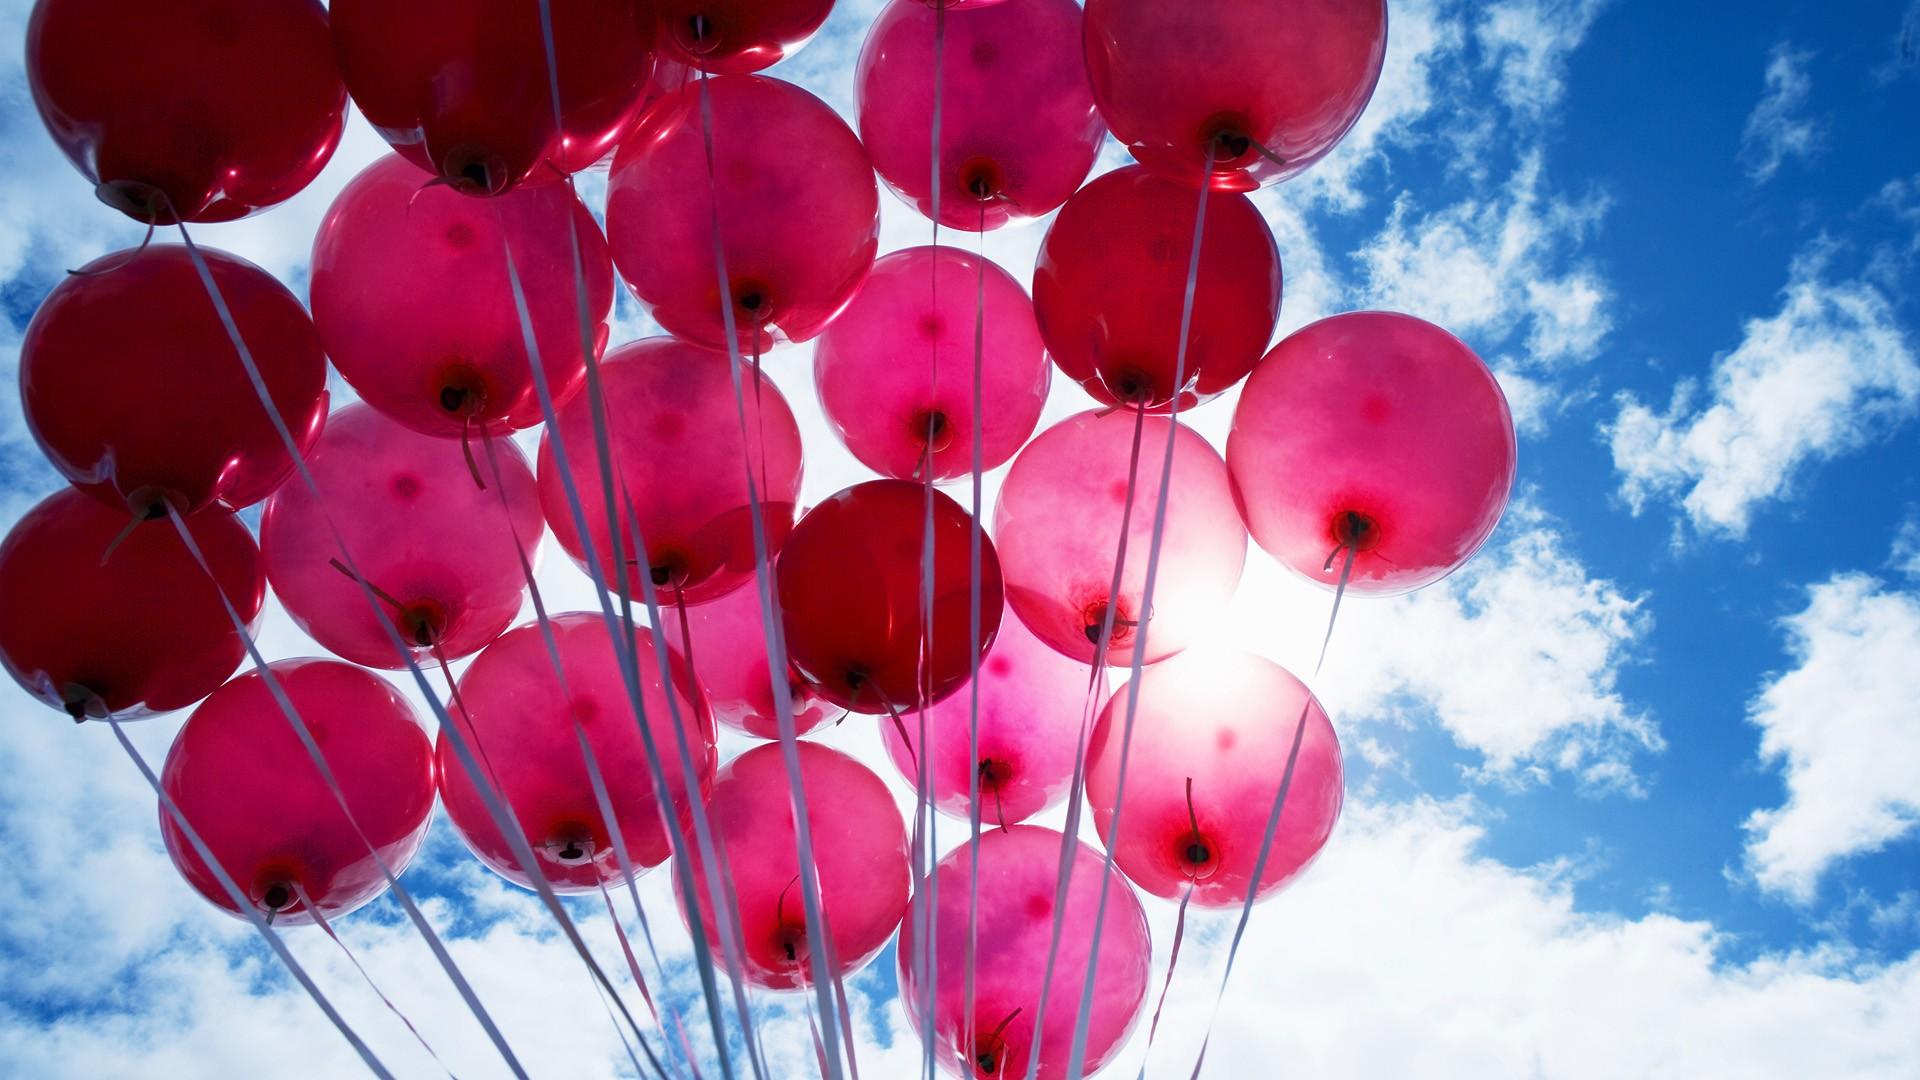 balloons 19621